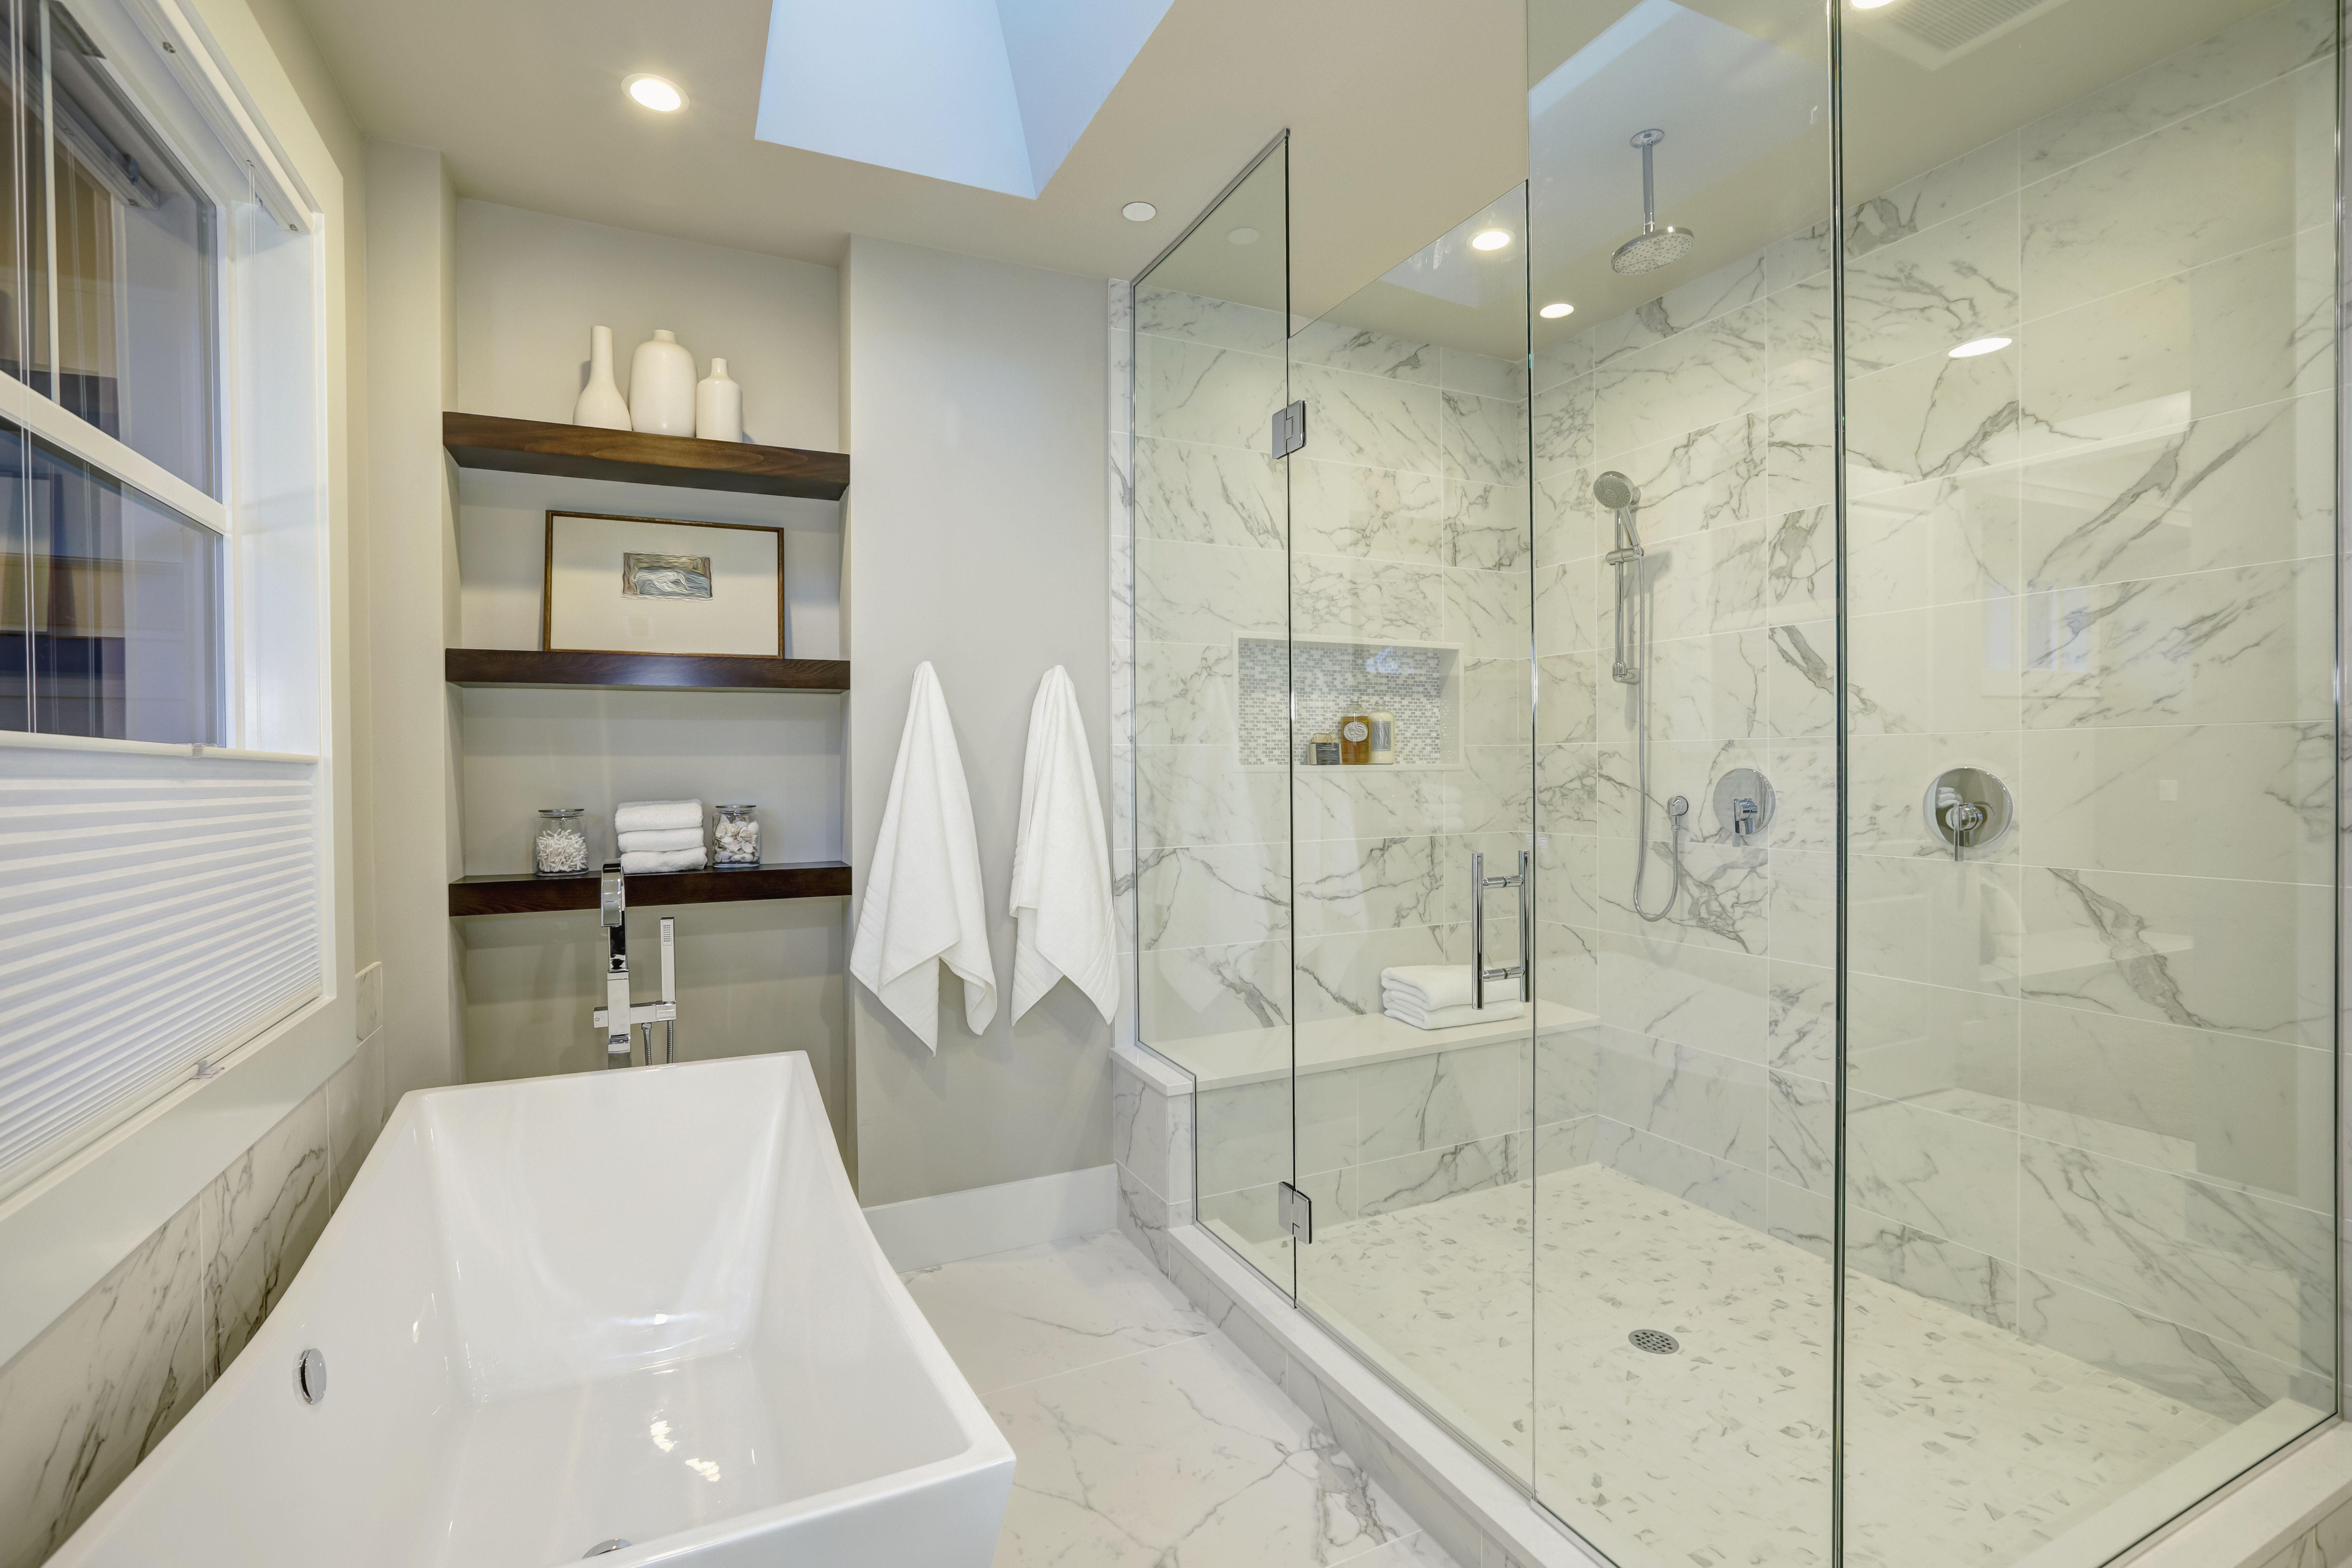 Installing Tile Over The Shower Pan Liner Master Bathroom Shower